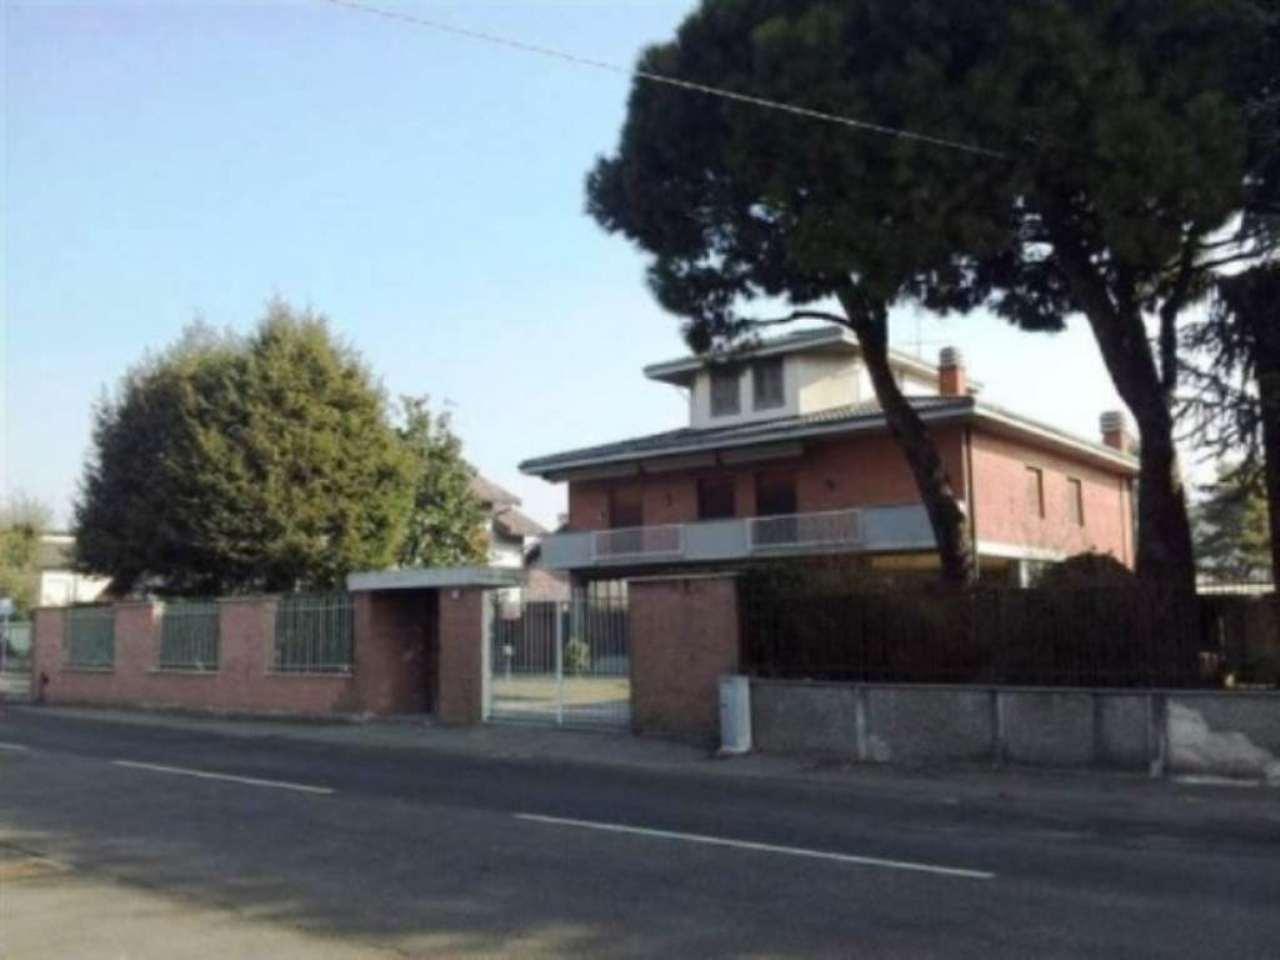 Villa in vendita a Origgio, 6 locali, prezzo € 590.000 | Cambio Casa.it